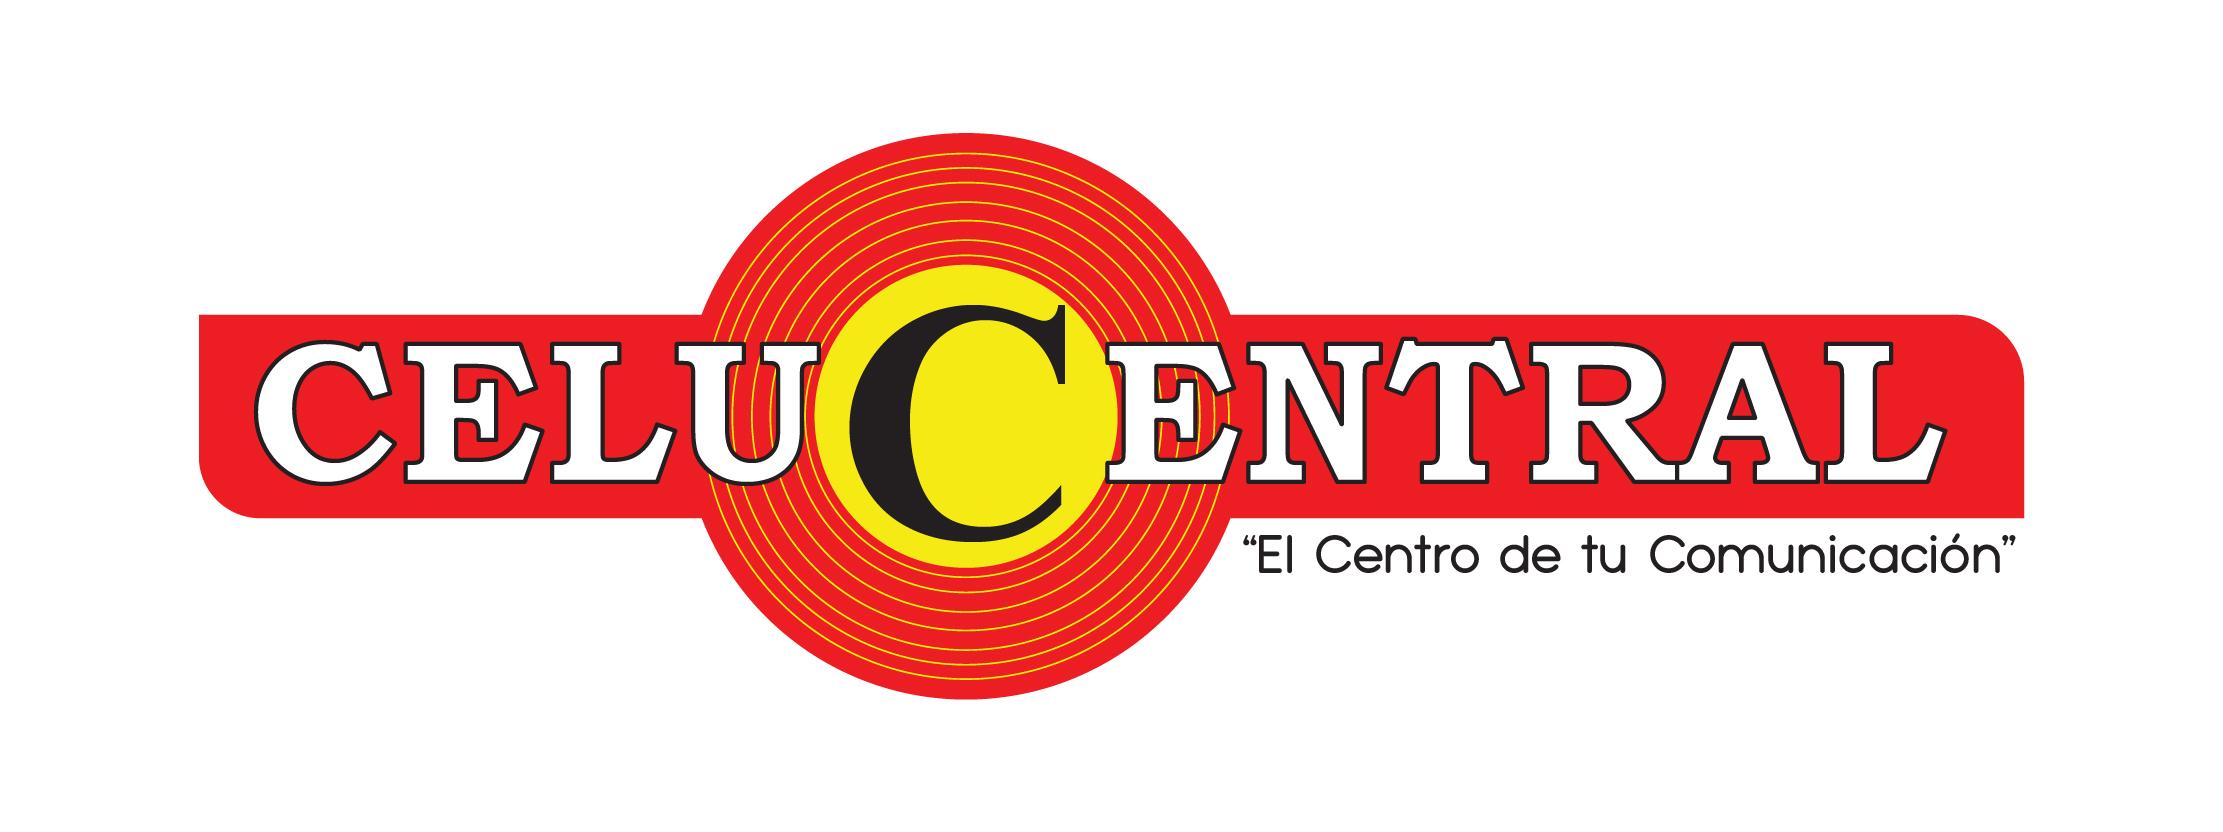 Logo de Tecnocentral-03